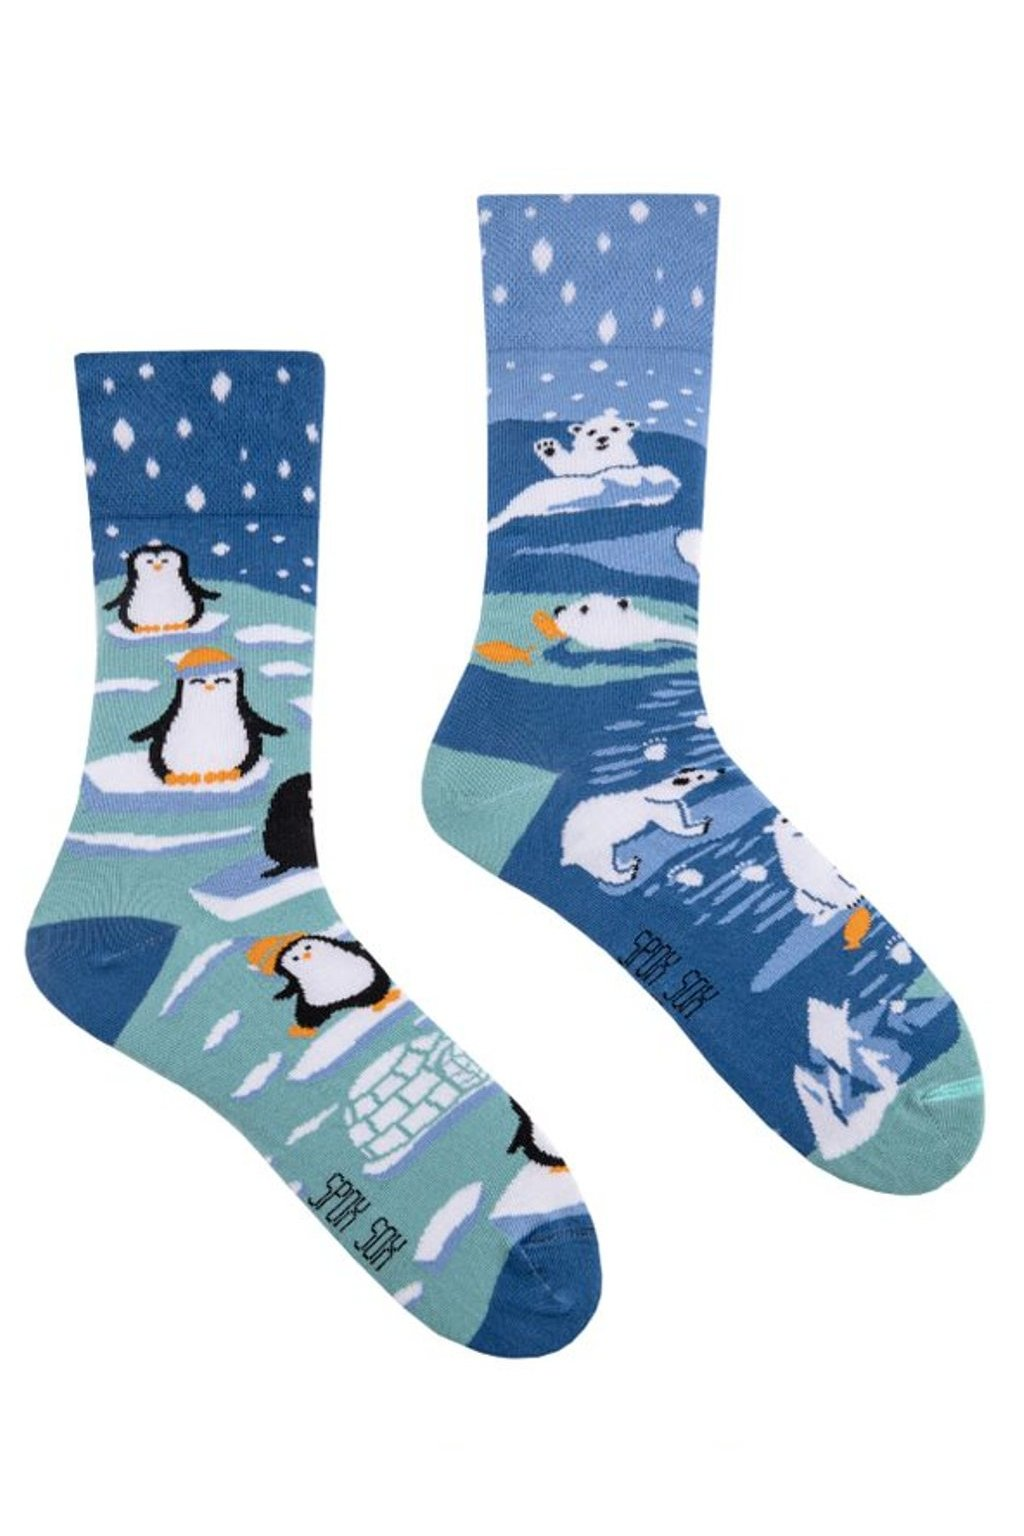 Veselé ponožky Spox Sox jižní pól